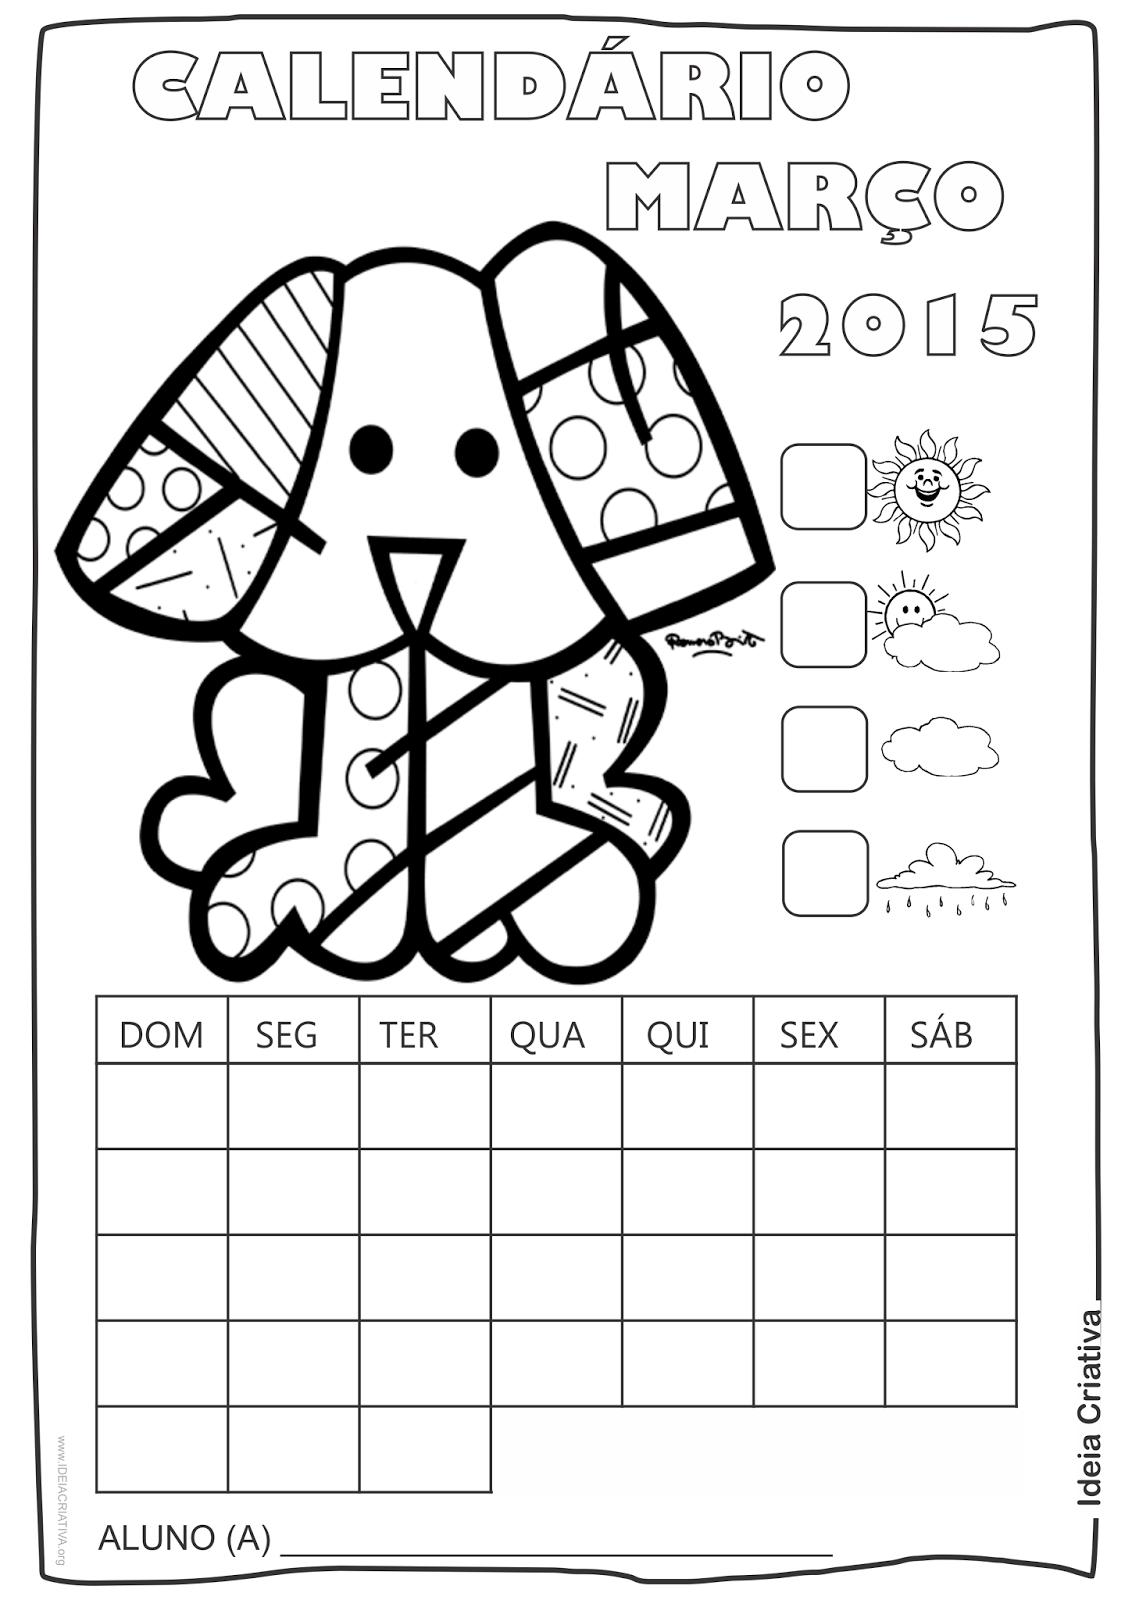 Calendário Abril 2015 com Desenho Cãozinho de Romero Britto para Colorir Sem Numeração